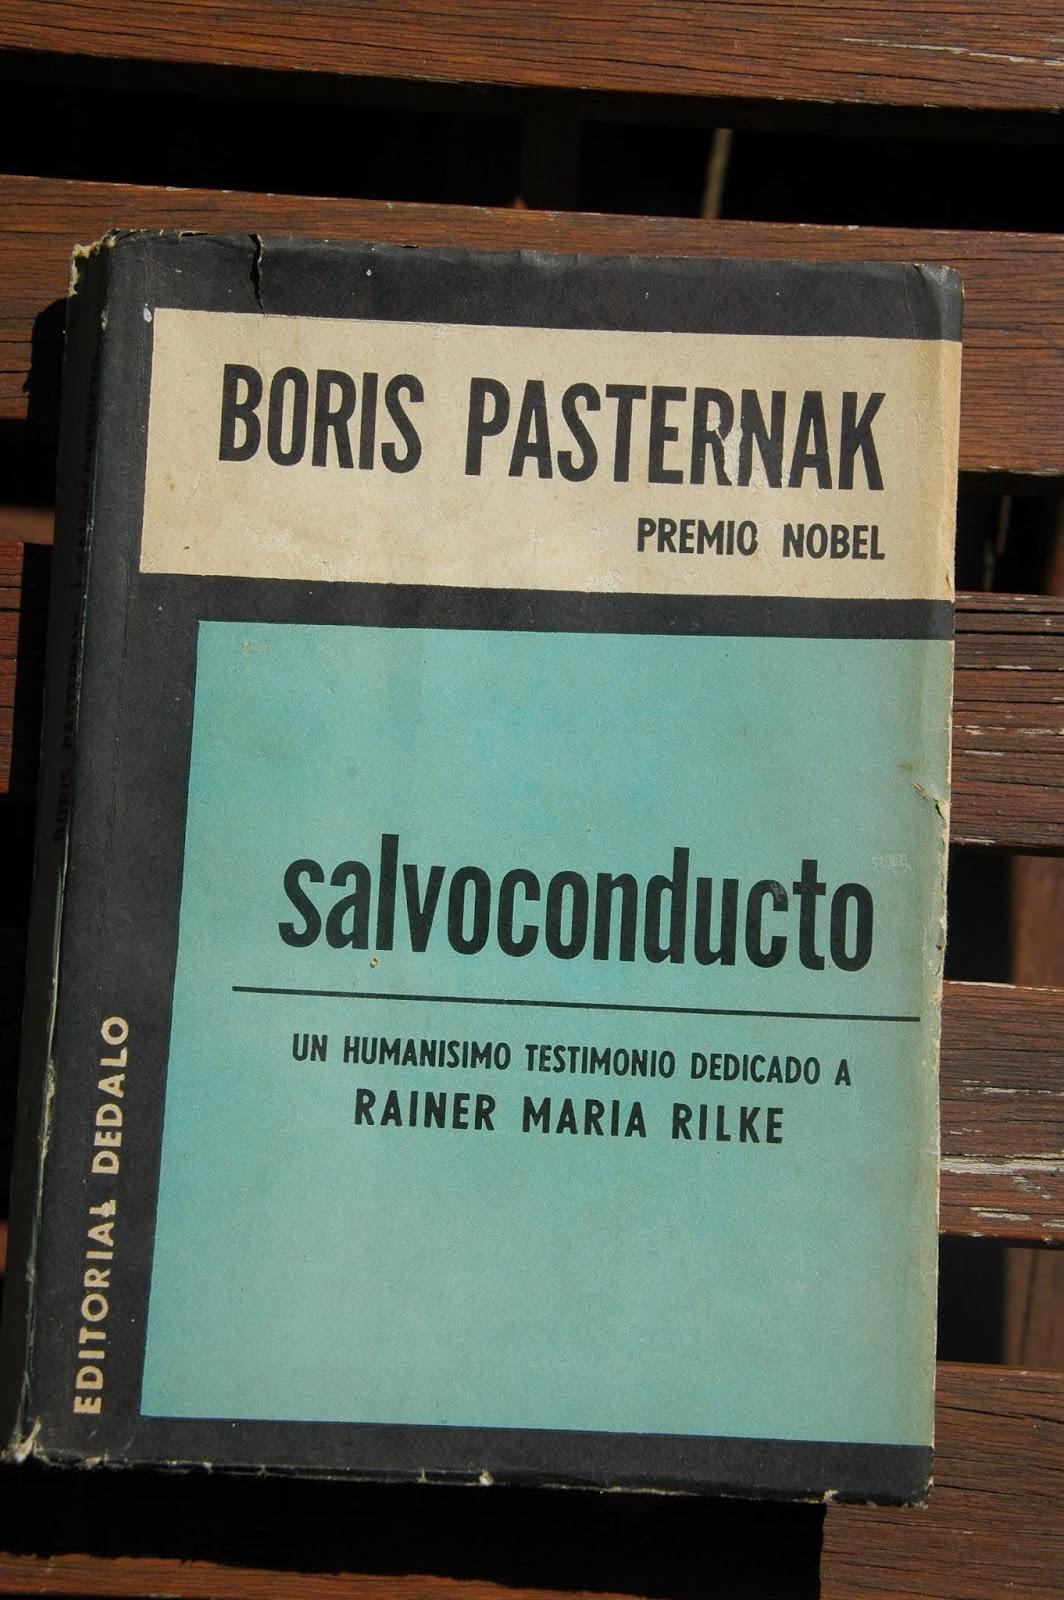 Idiomas Olvidados Un Poema Sobre Lo Inefable De Pasternak